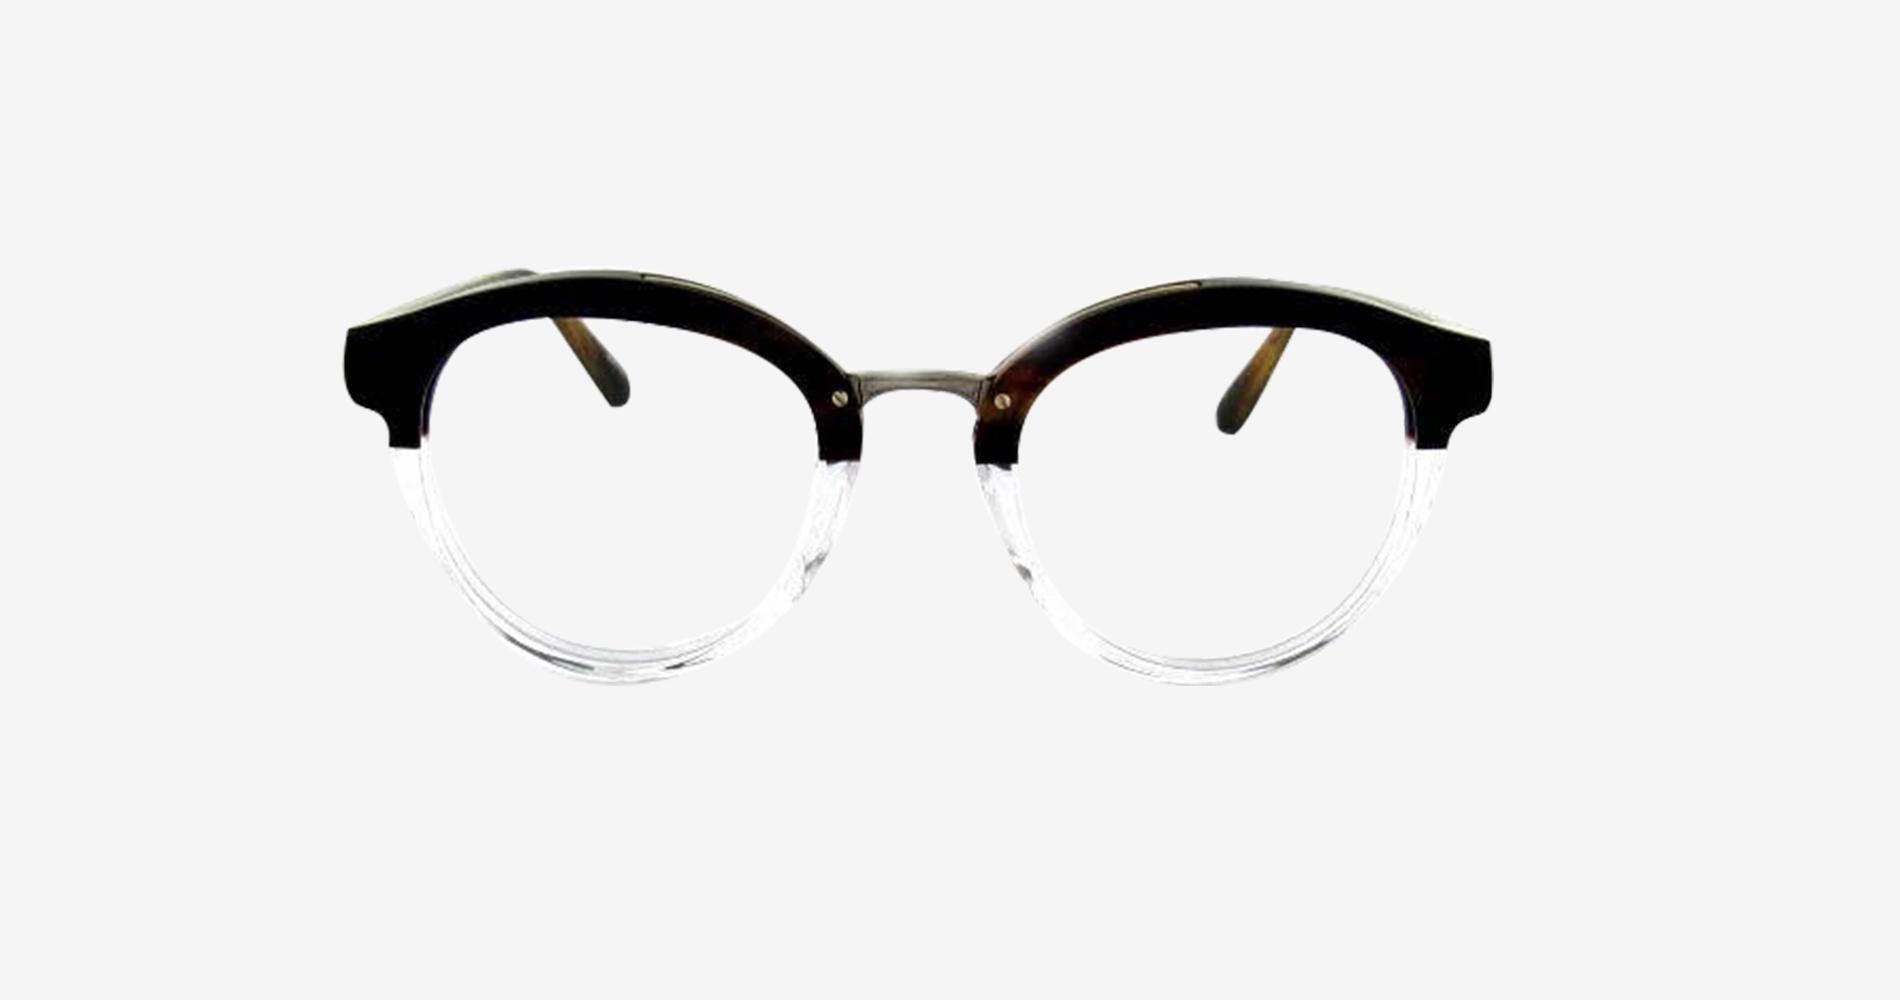 Lunettes de vue :  Bien choisir ses lunettes de vue